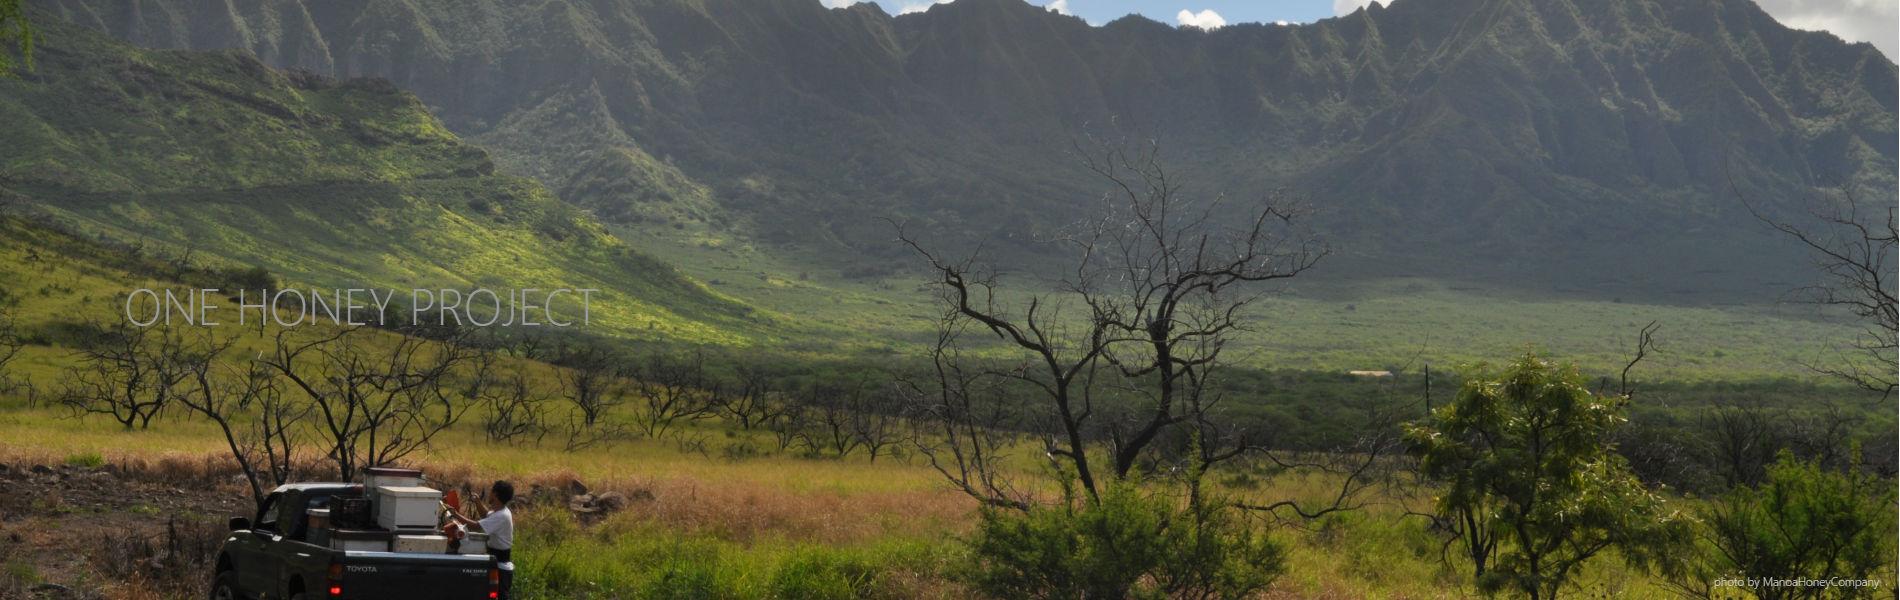 ハワイオアフ島採蜜地 株式会社ワンハニープロジェクト Hawaii ハワイ Oau オアフ Honey はちみつ